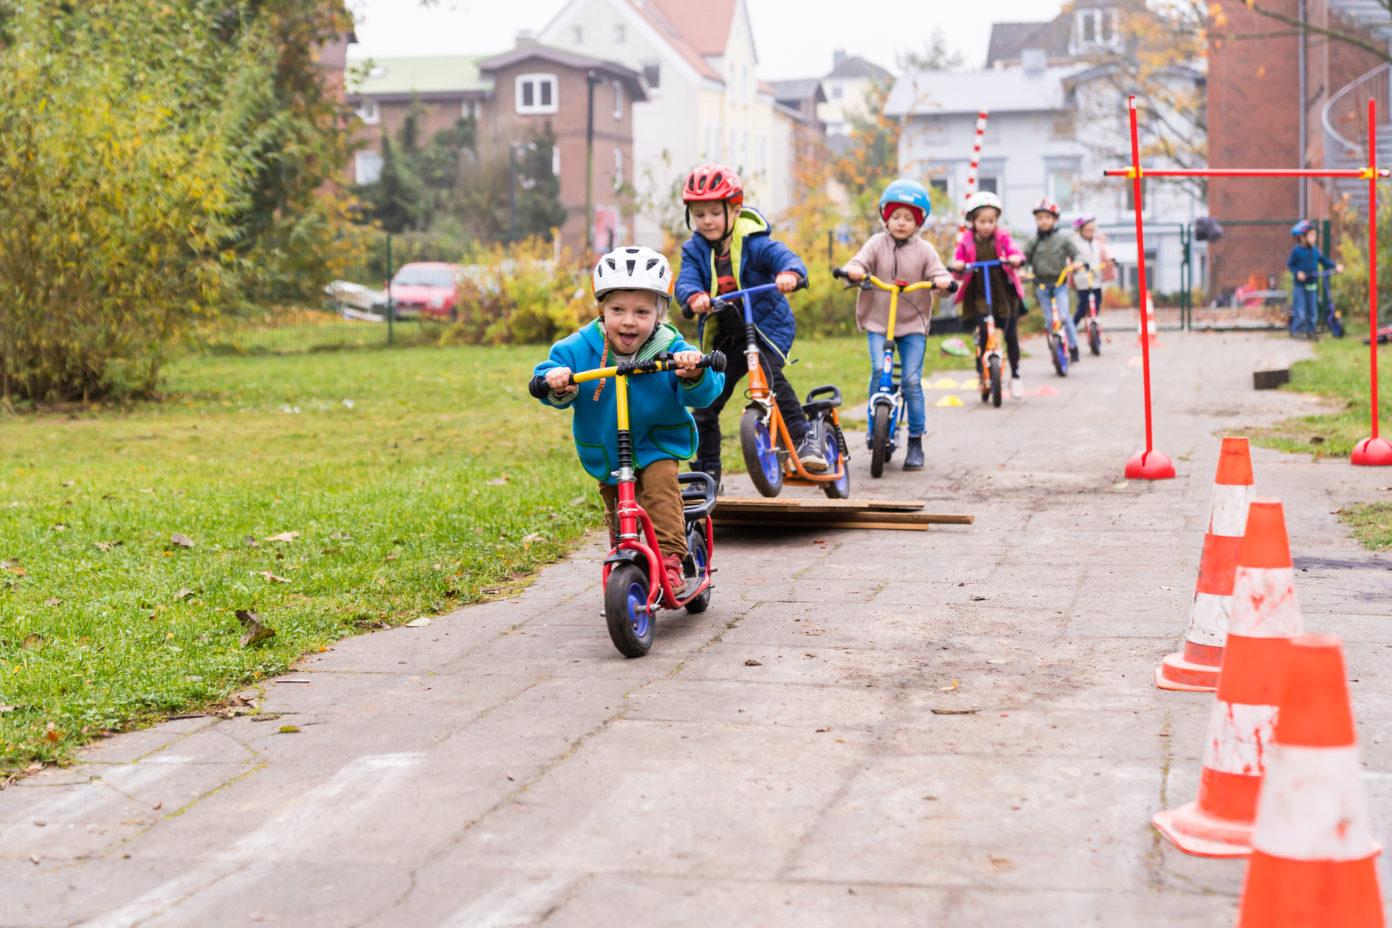 Mehrere Kinder fahren auf ihren Rollern durch einen Parcours.